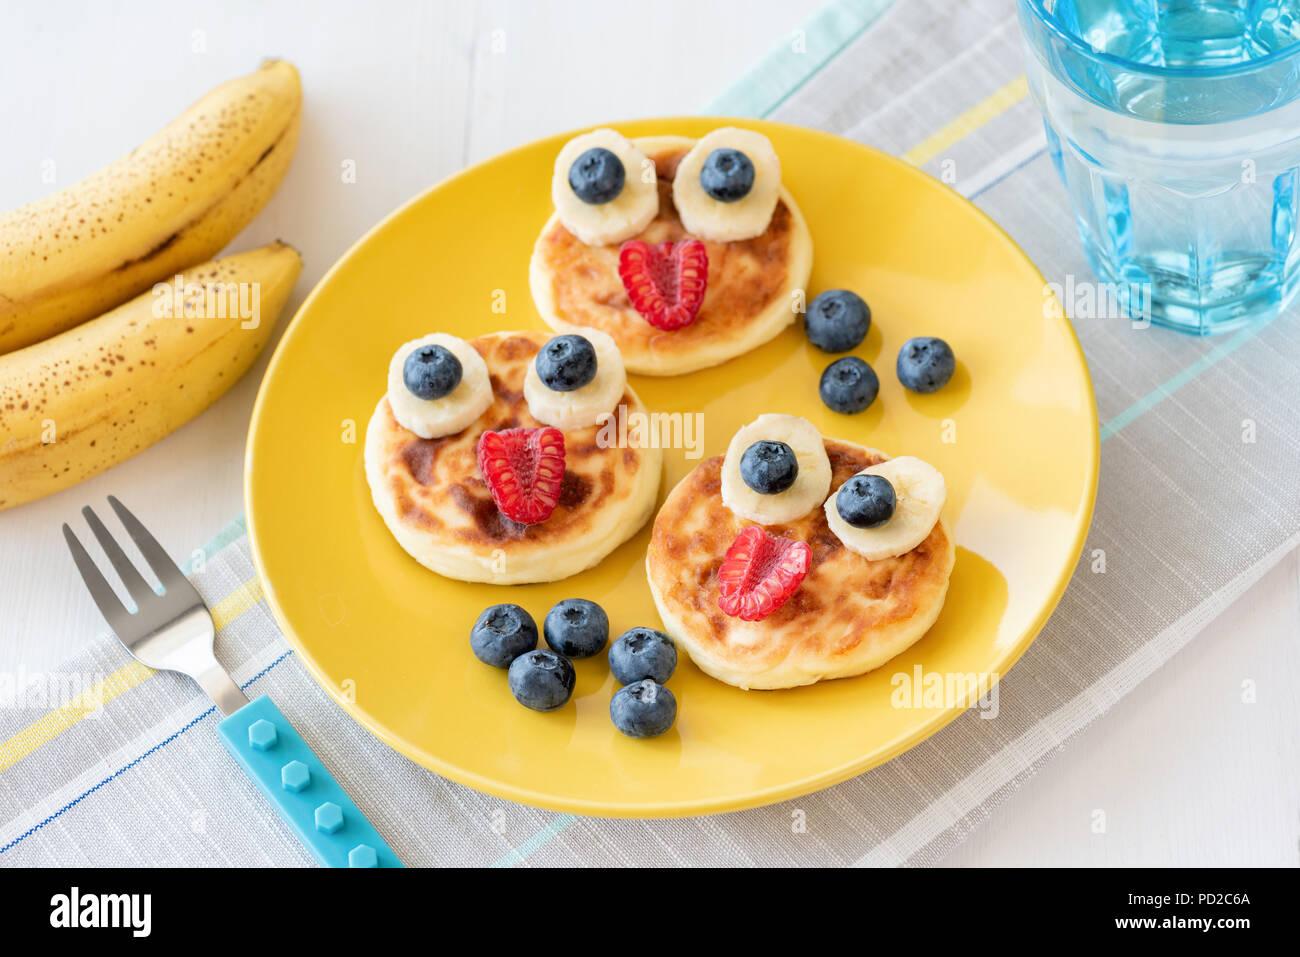 Fun food for kids. Crêpes de funny faces d'animaux colorés sur la plaque jaune. Repas pour les enfants. Selective focus Photo Stock